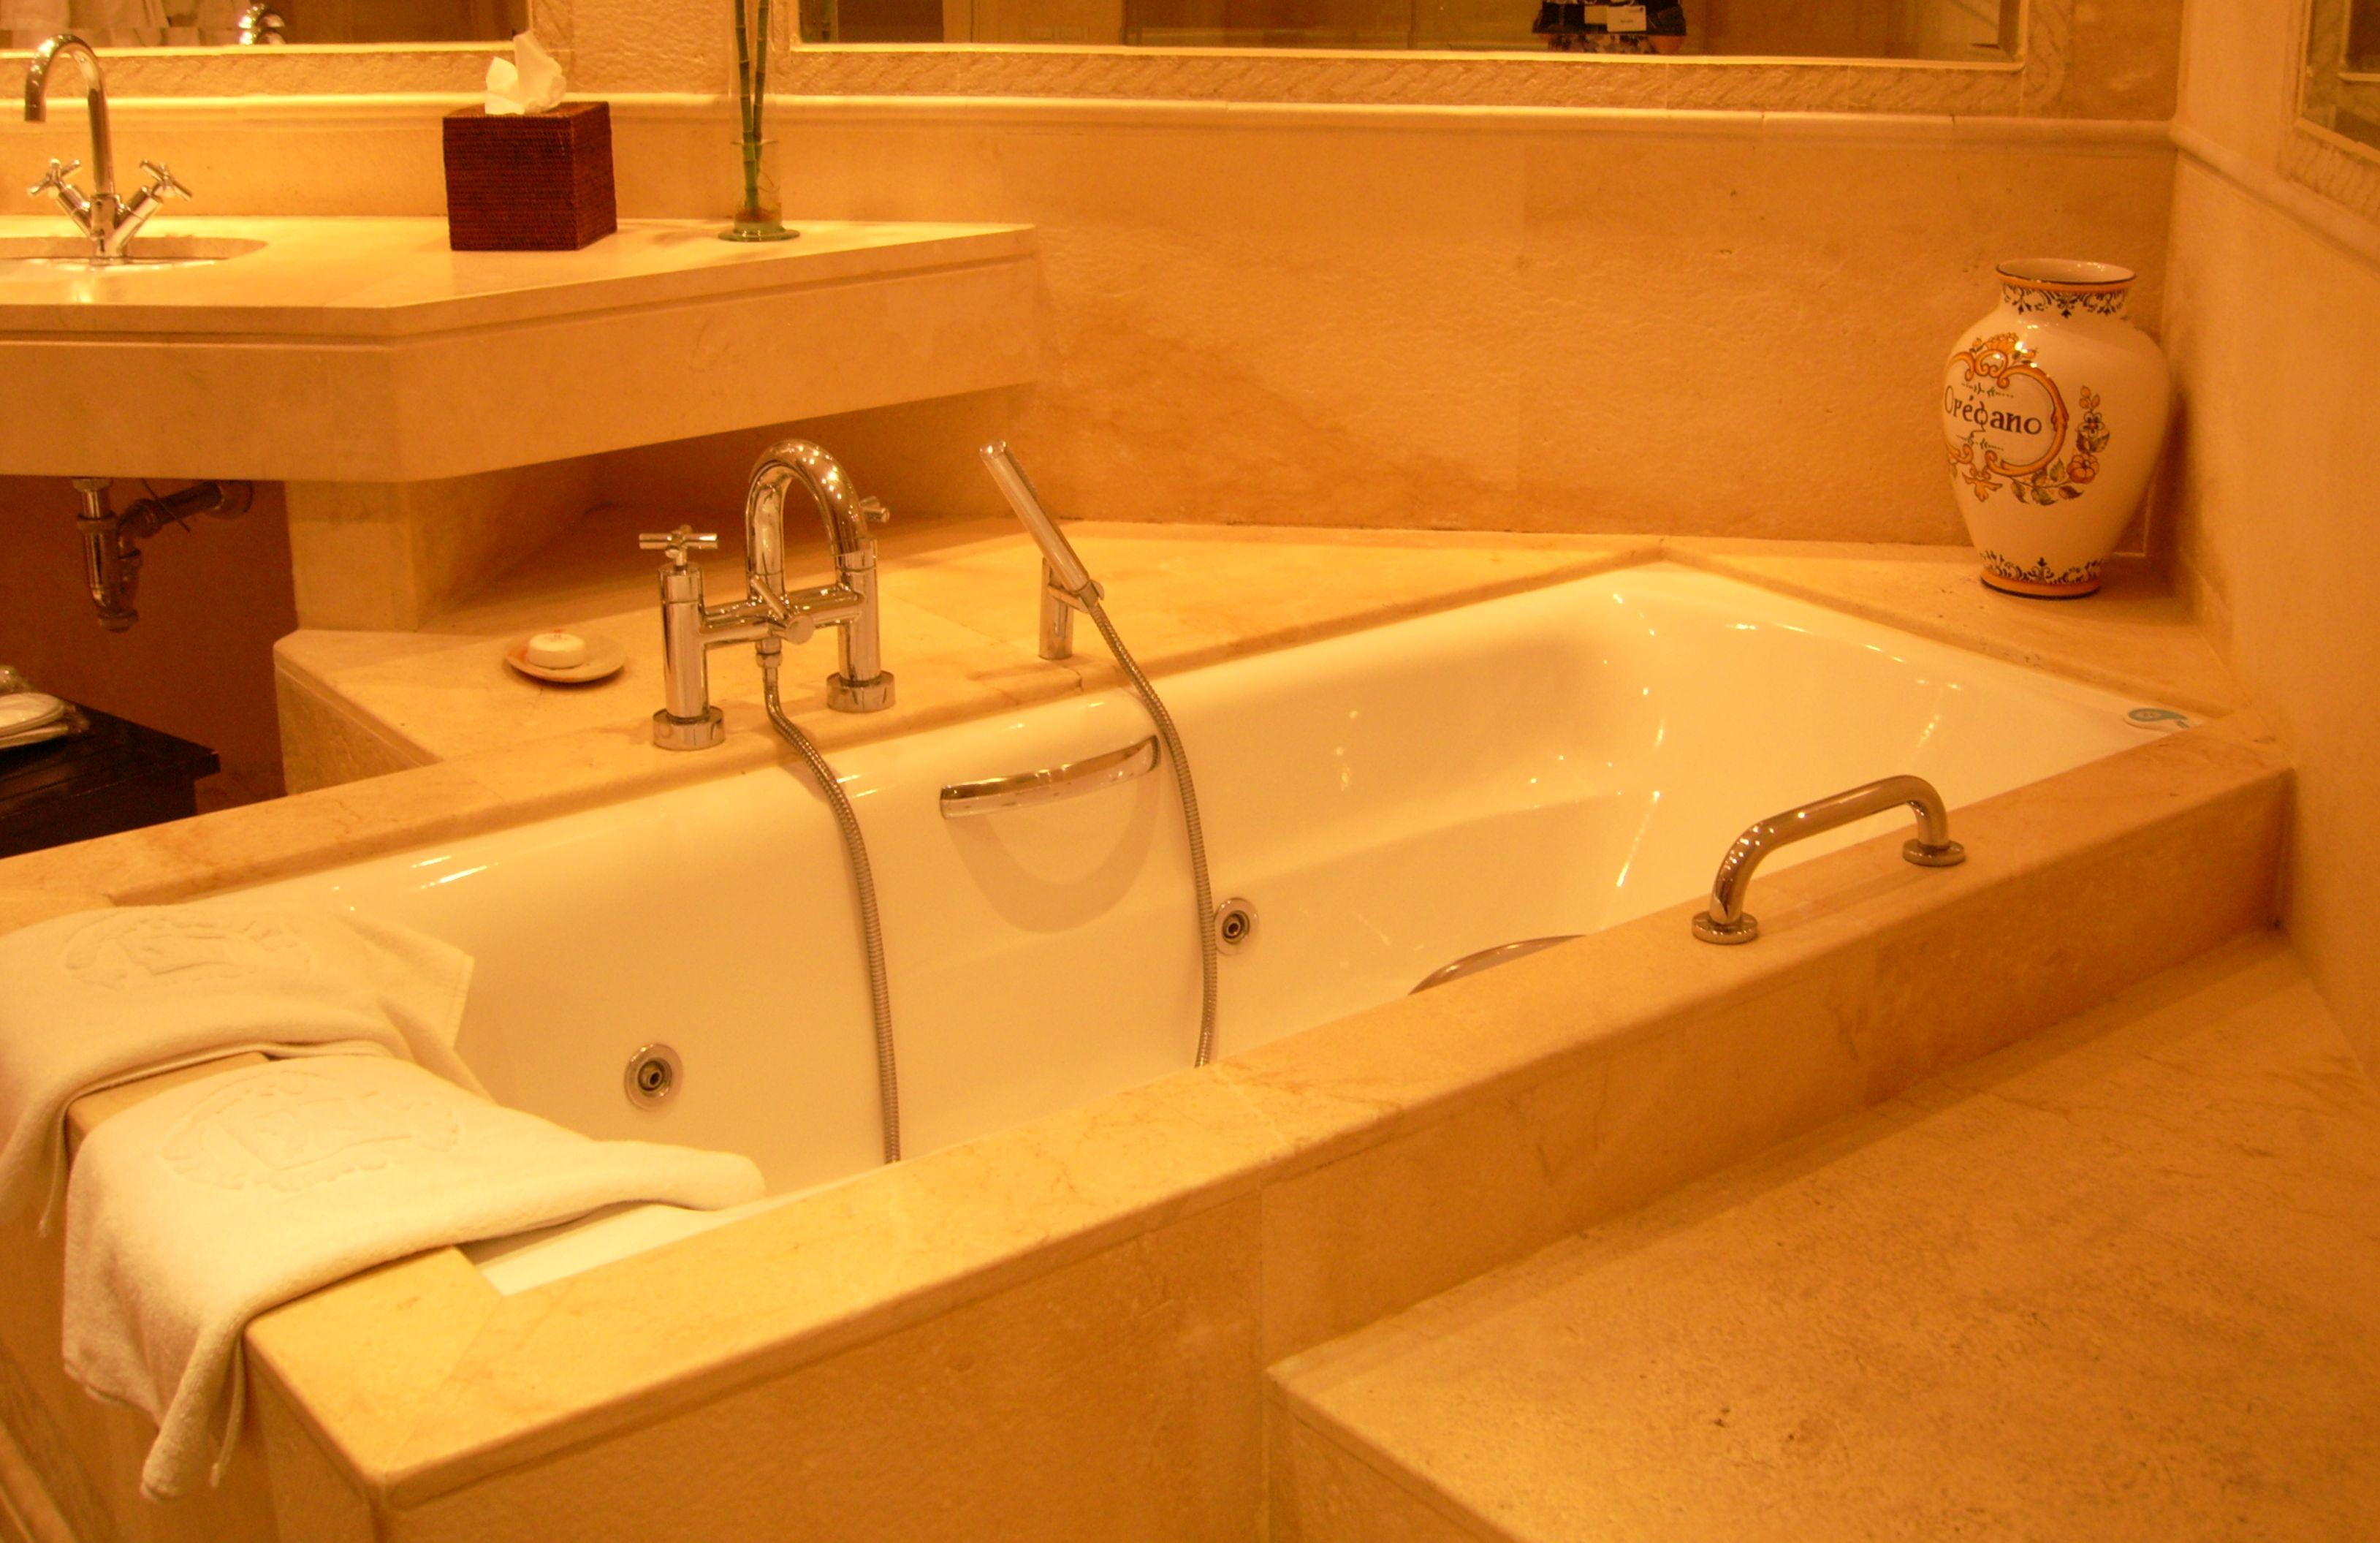 Vasca Da Bagno Per Hotel : Vasca da bagno idee e consigli per scegliere quella giusta